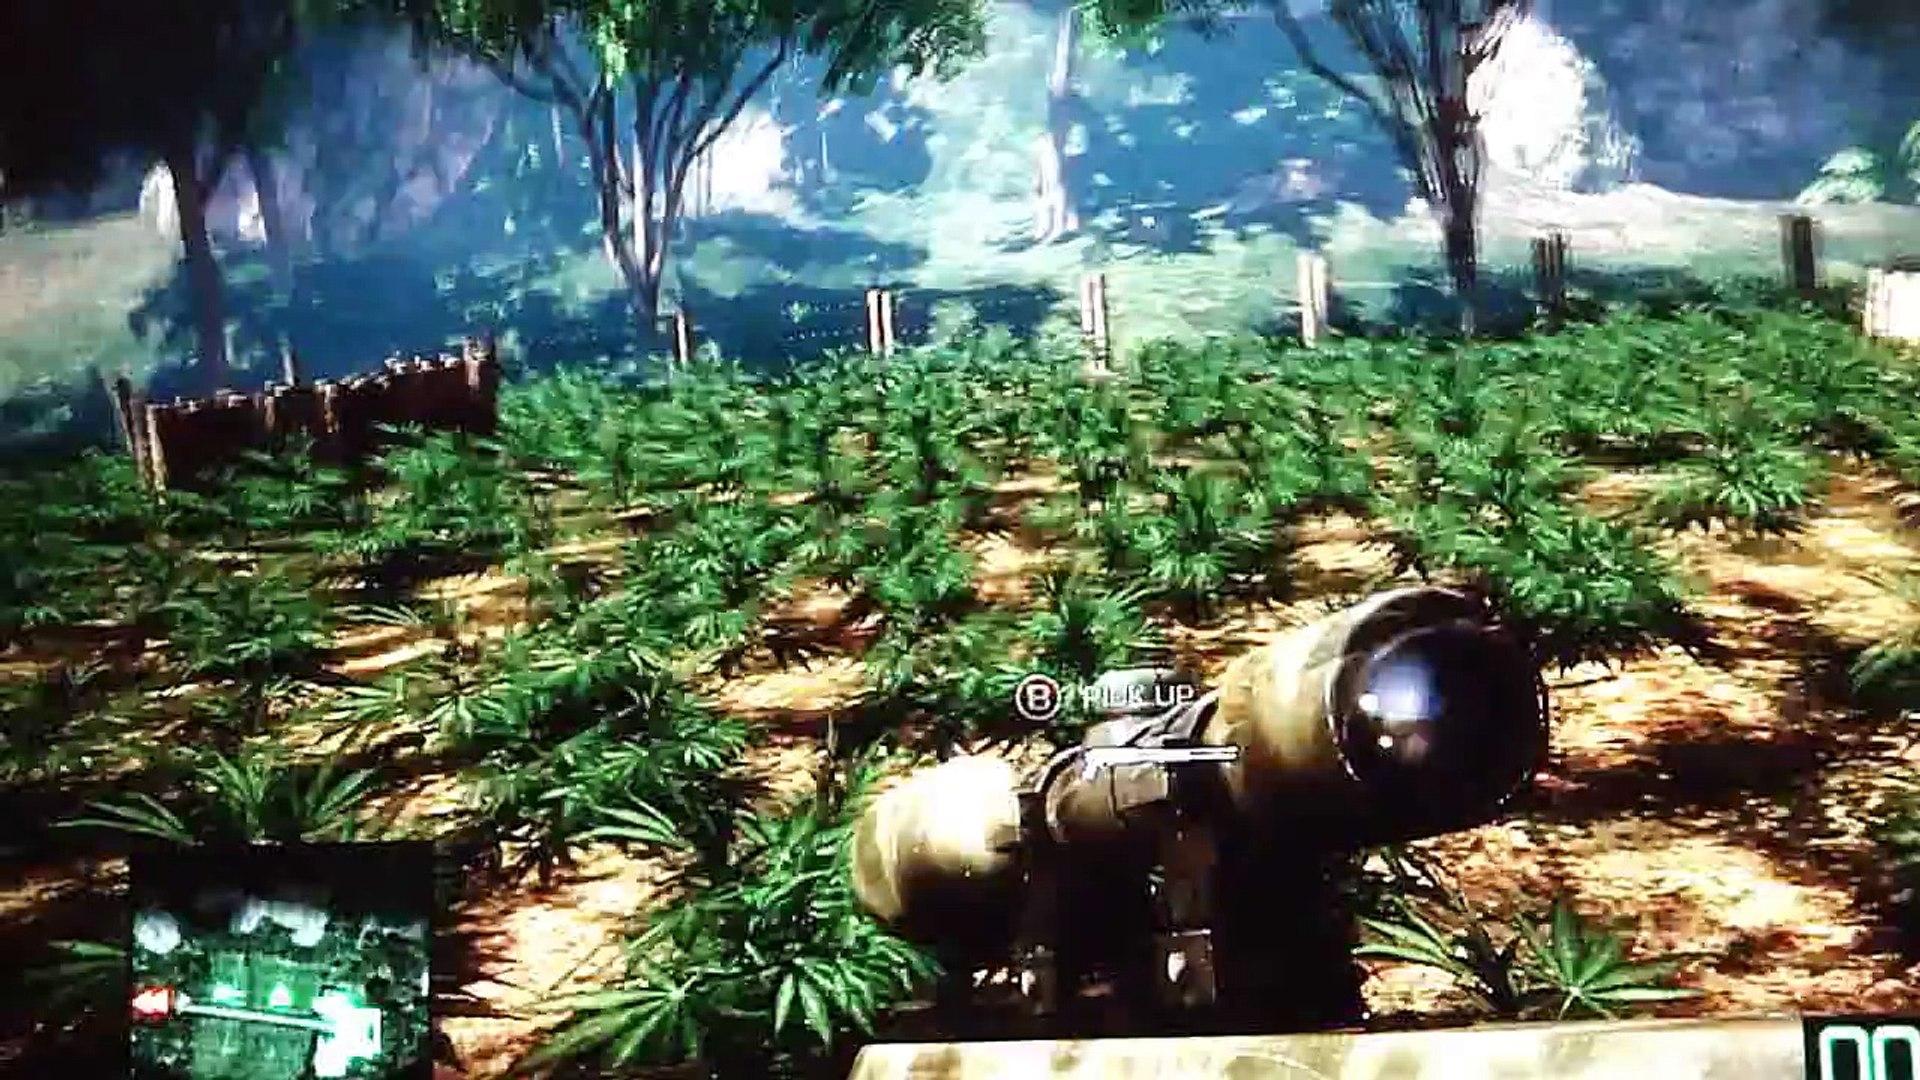 Huge Marijuana Field in Battlefield Bad Company 2 - Awesome Video in HD!